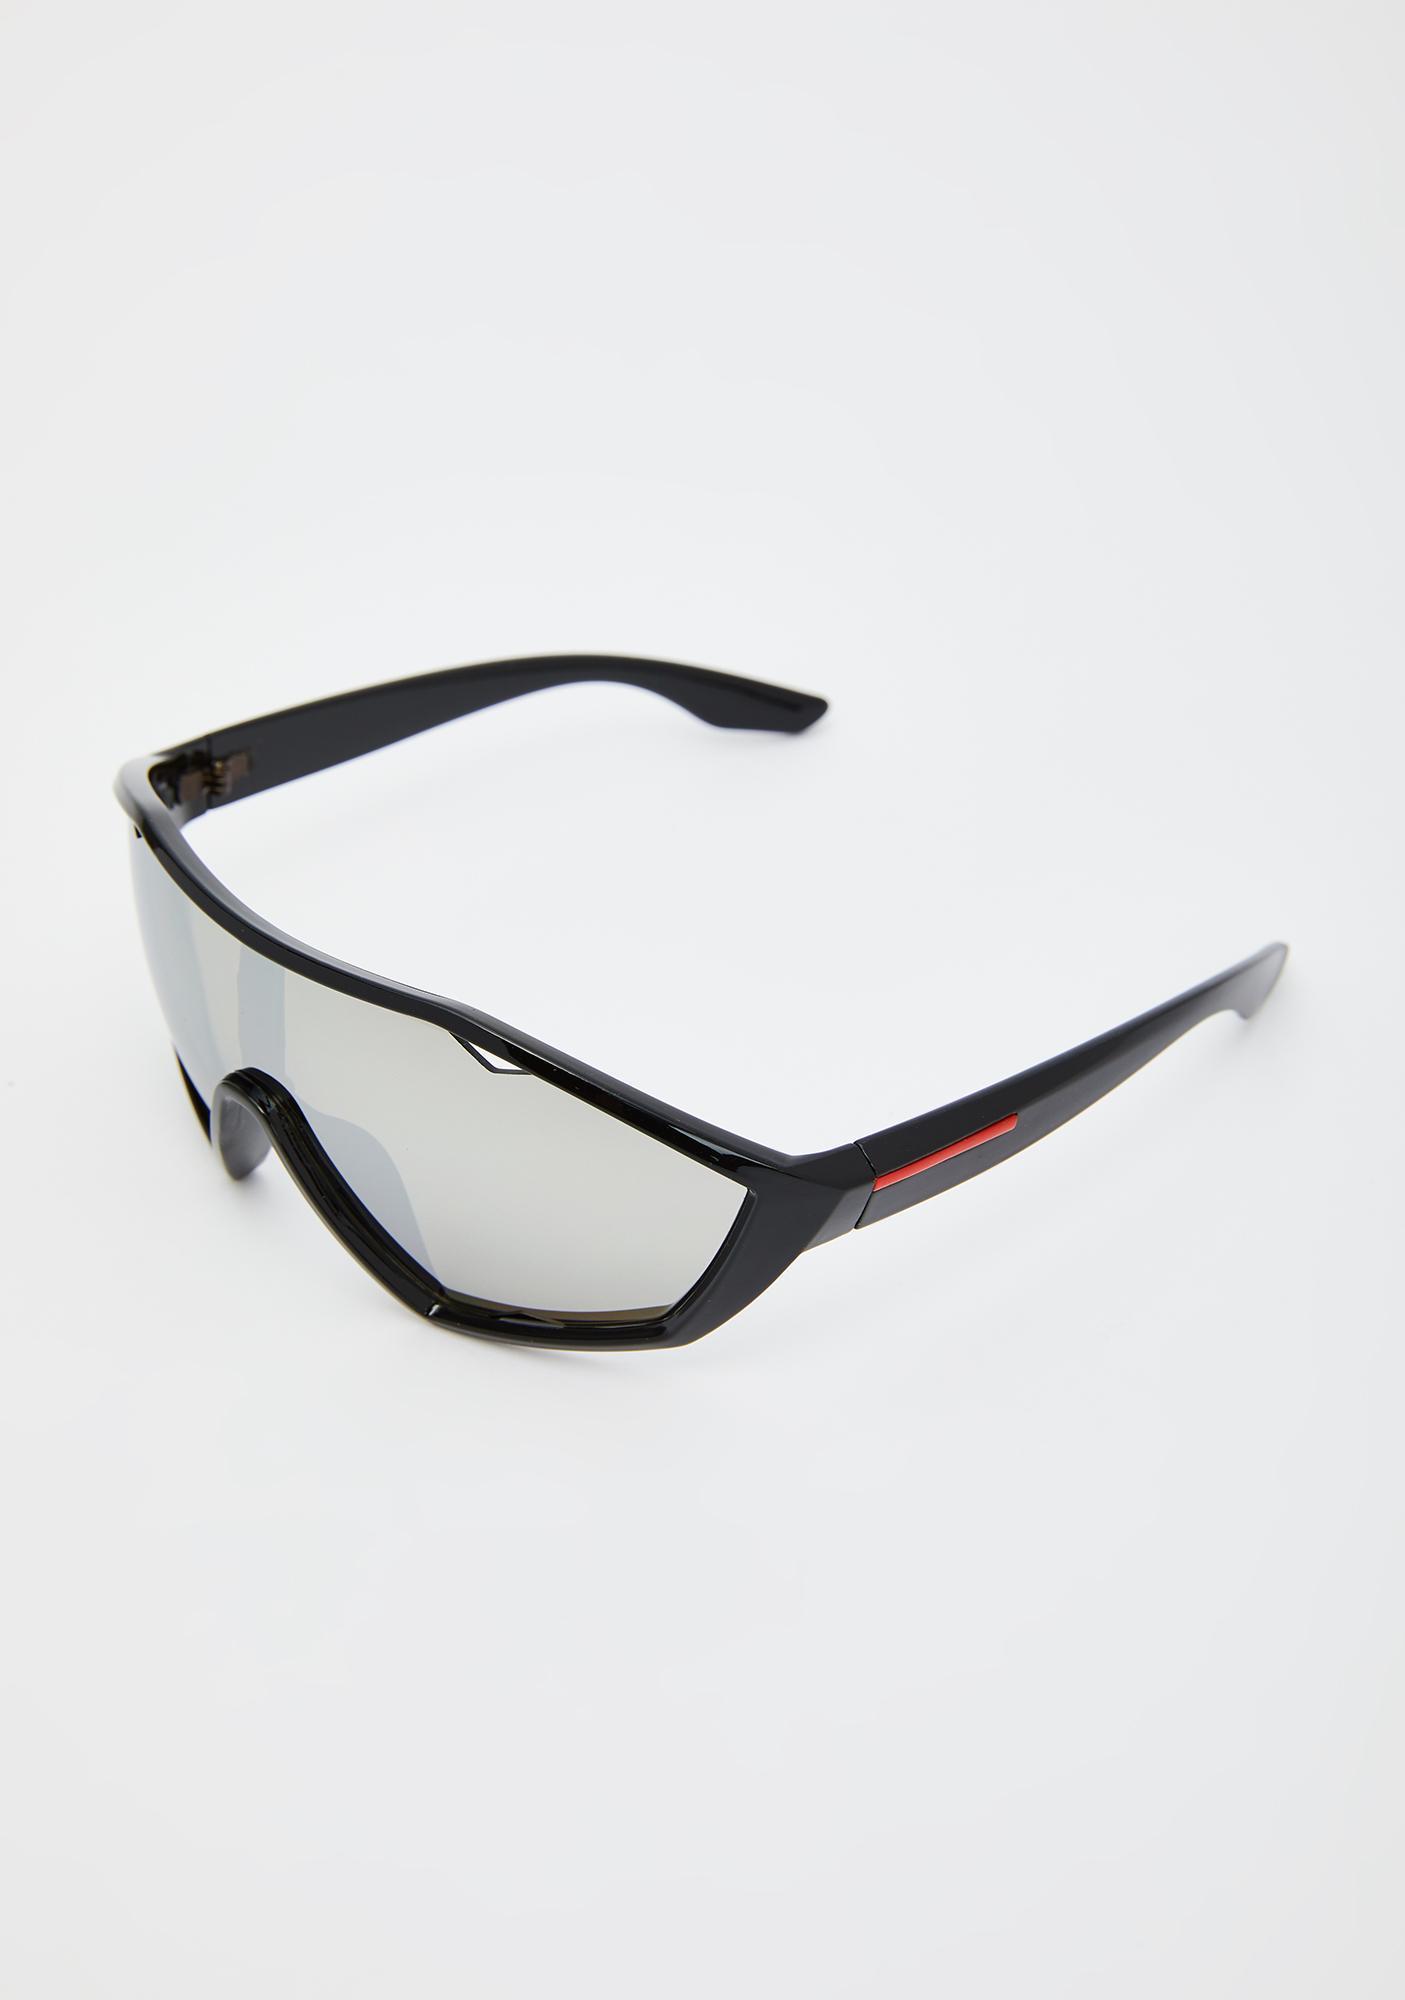 Chrome Rage Vortex Shield Sunglasses